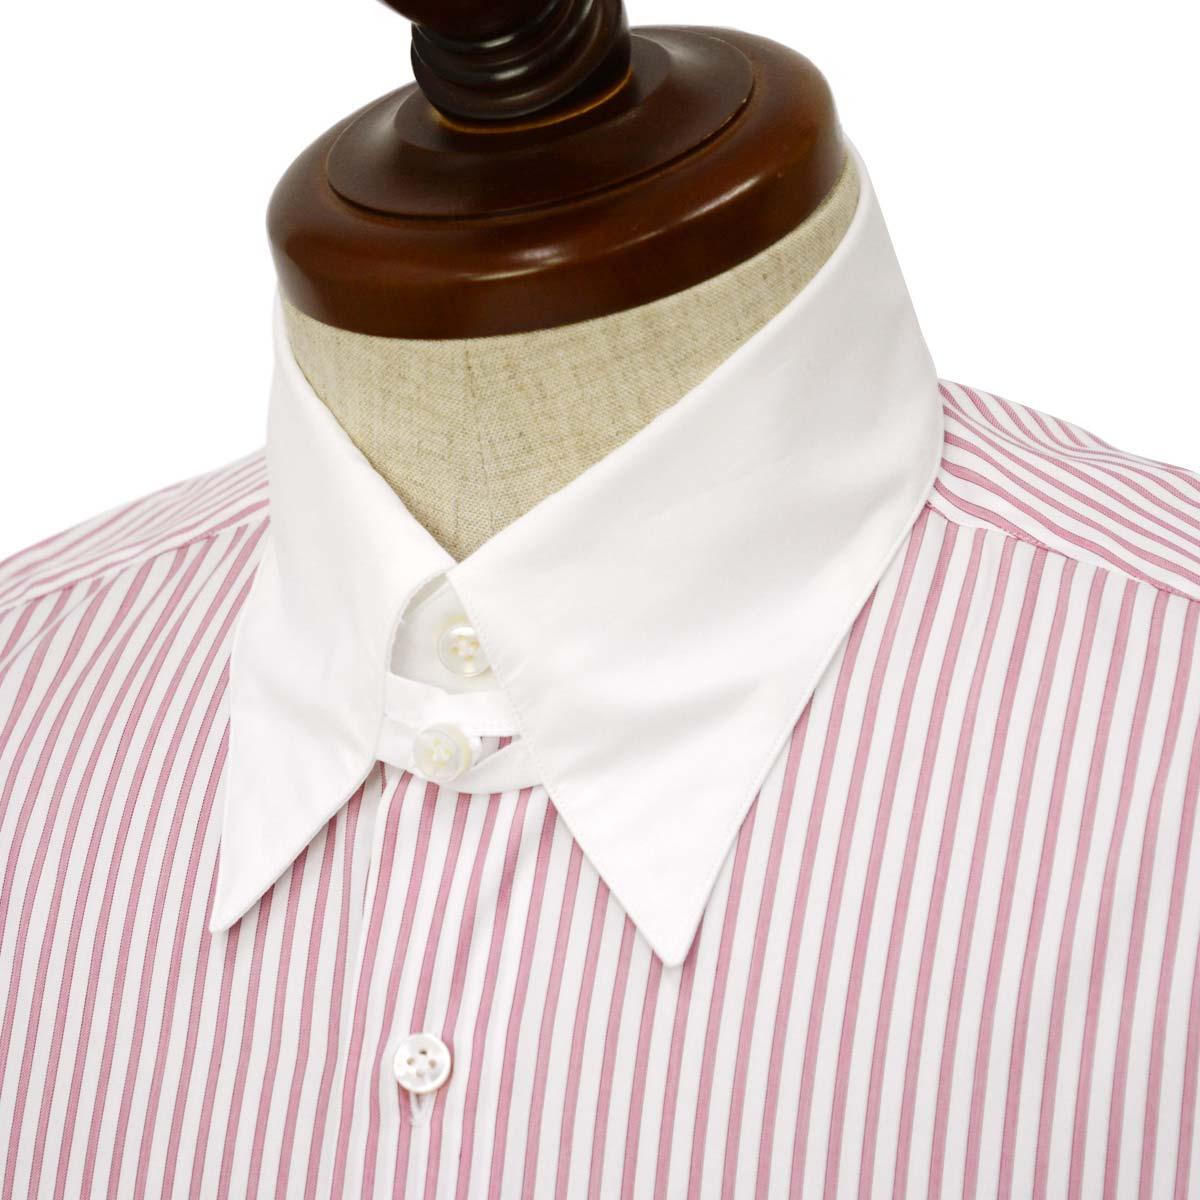 Maria Santangelo【マリアサンタンジェロ】ドレスシャツ TAB PIUM TWILL F357135 35BB コットン ストライプ クレリック ピンク×ホワイト